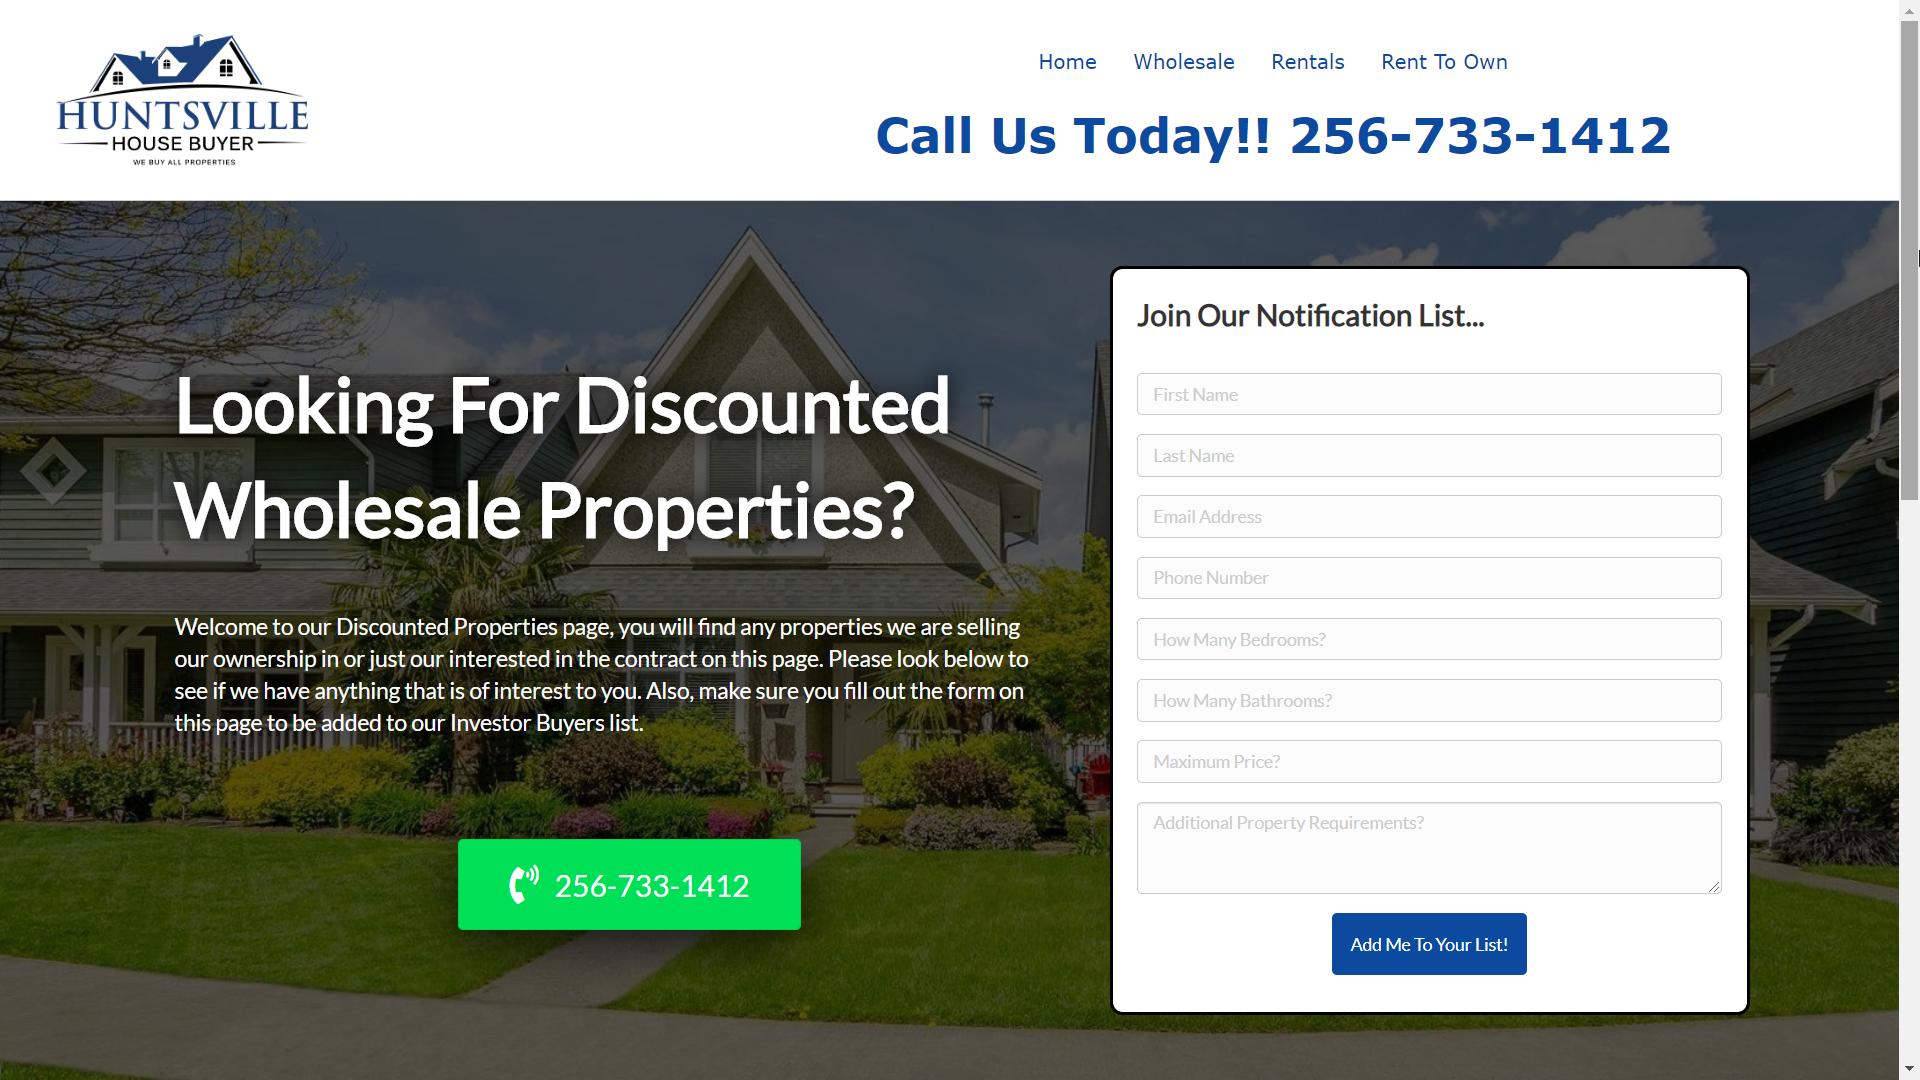 BuyerWebsite